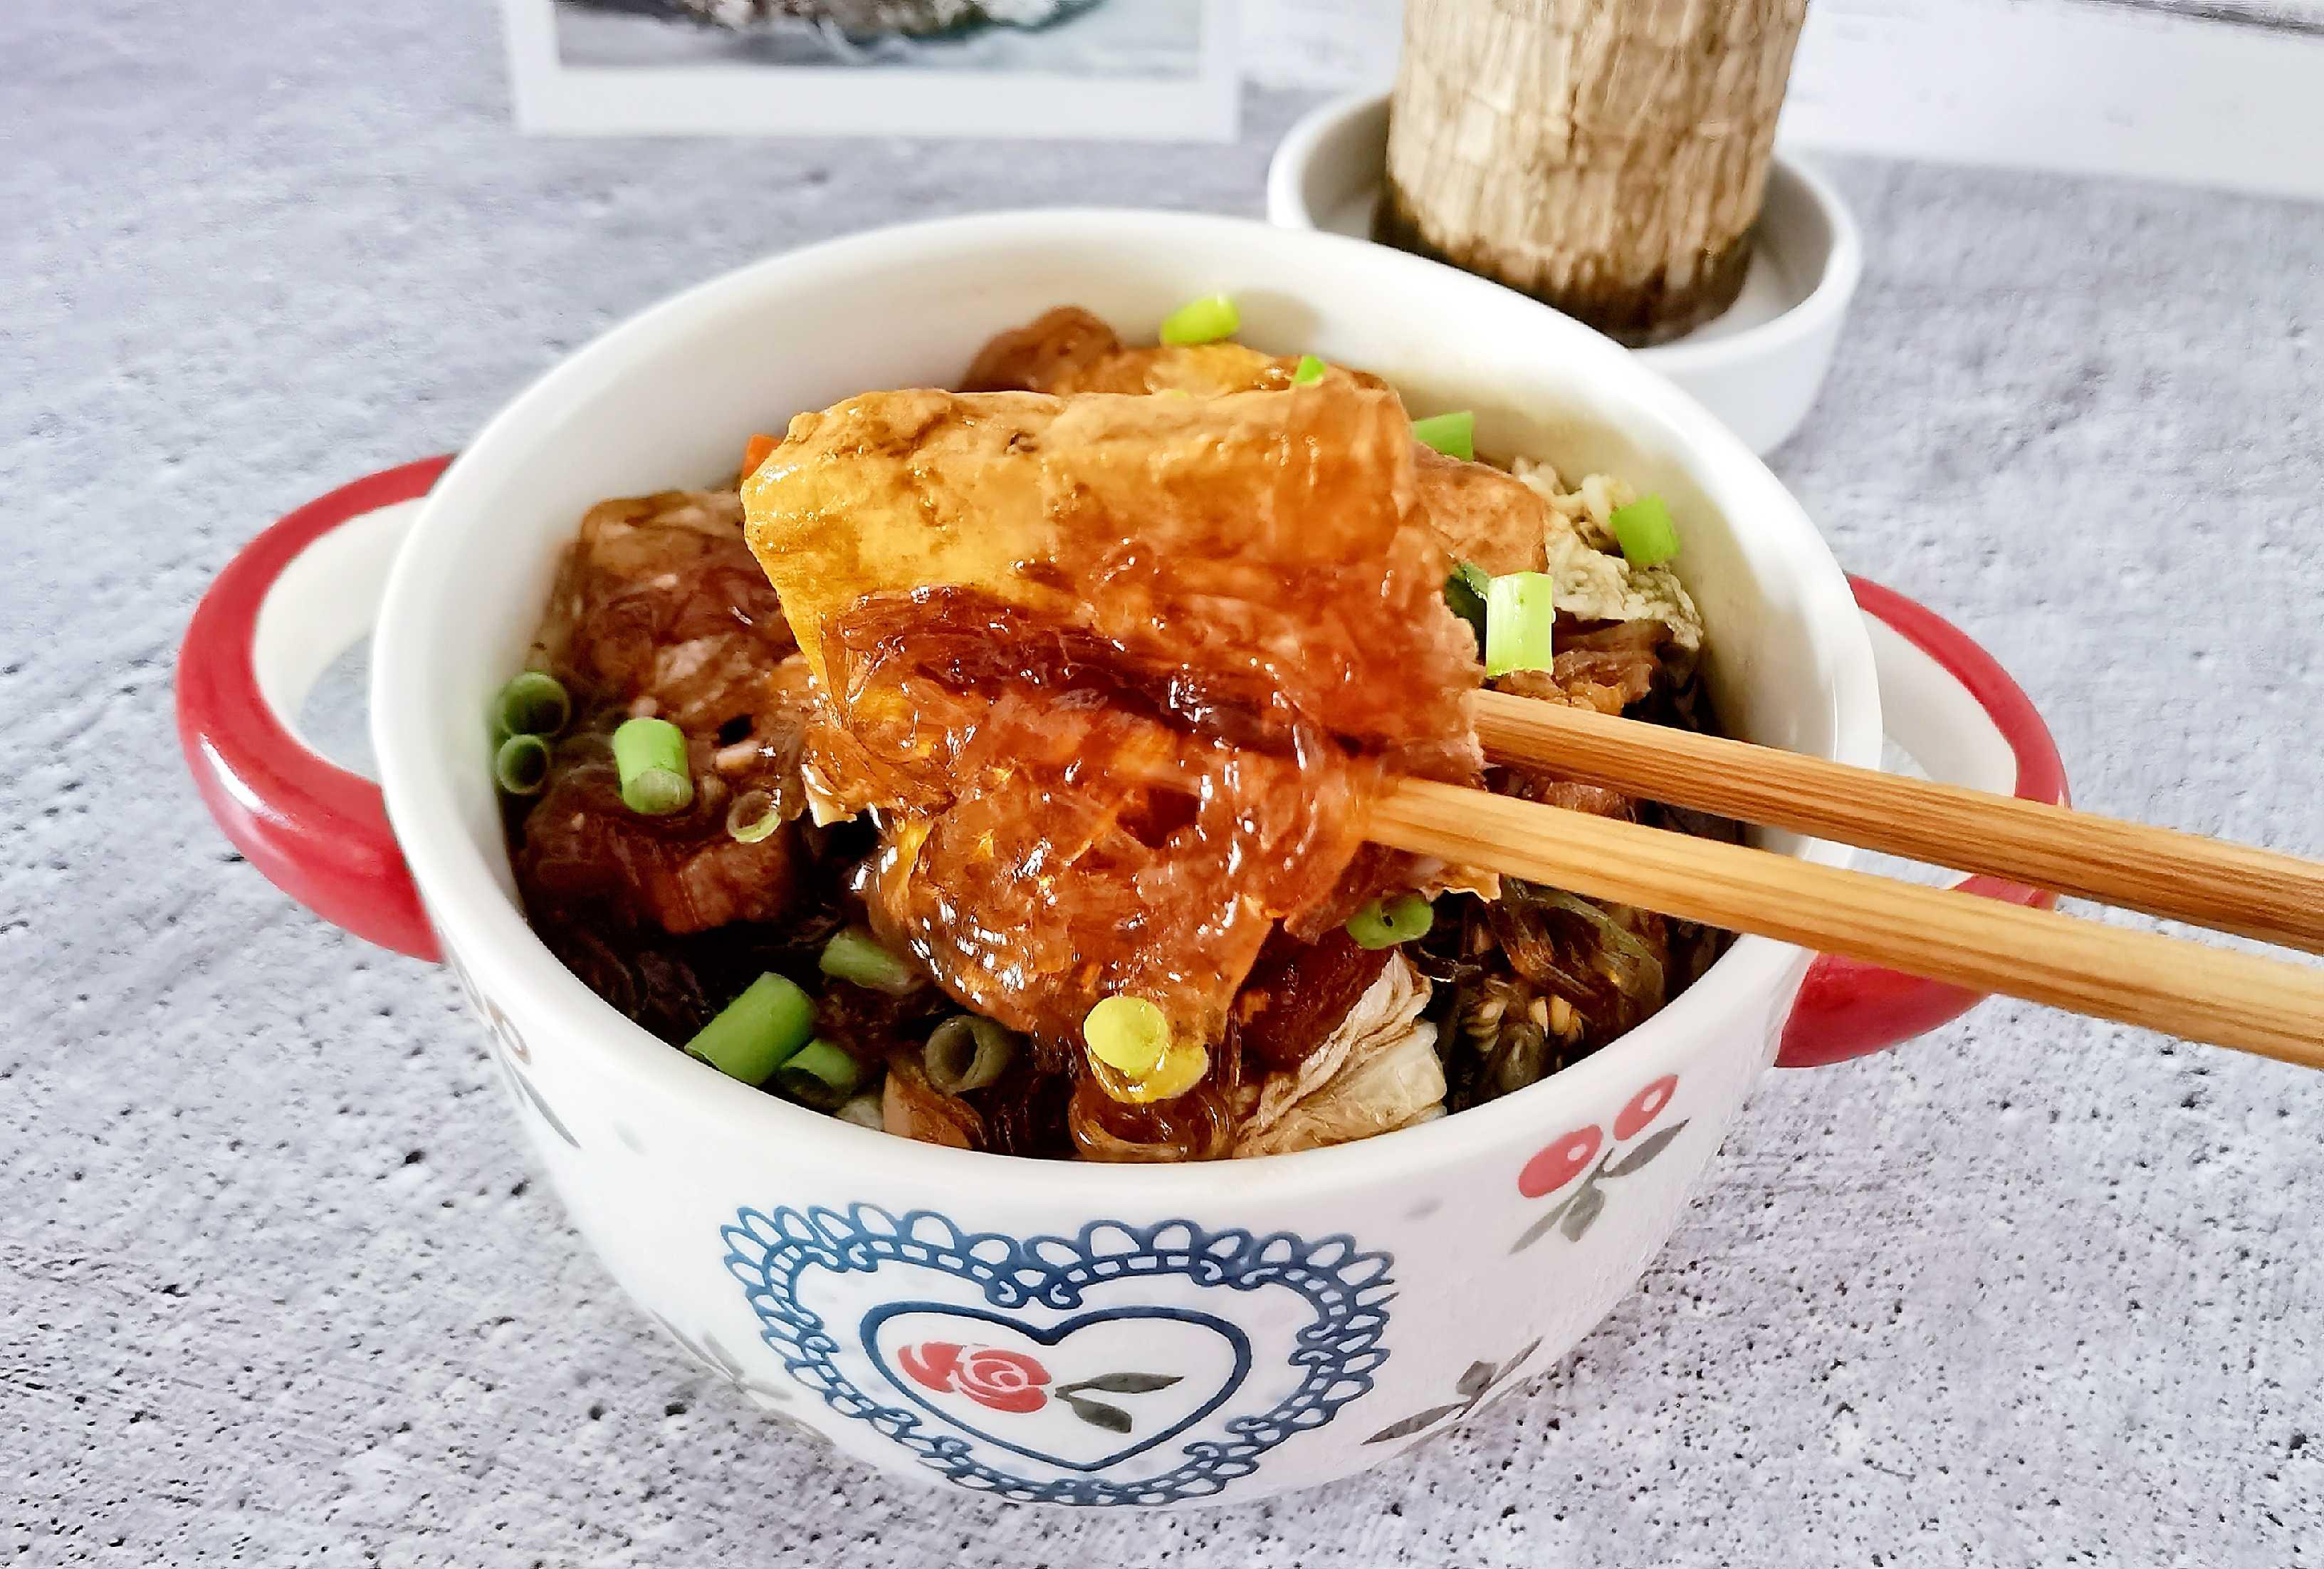 冬日暖胃家常菜-豆腐粉丝煲,荤素搭配,经济实惠又美味怎样做